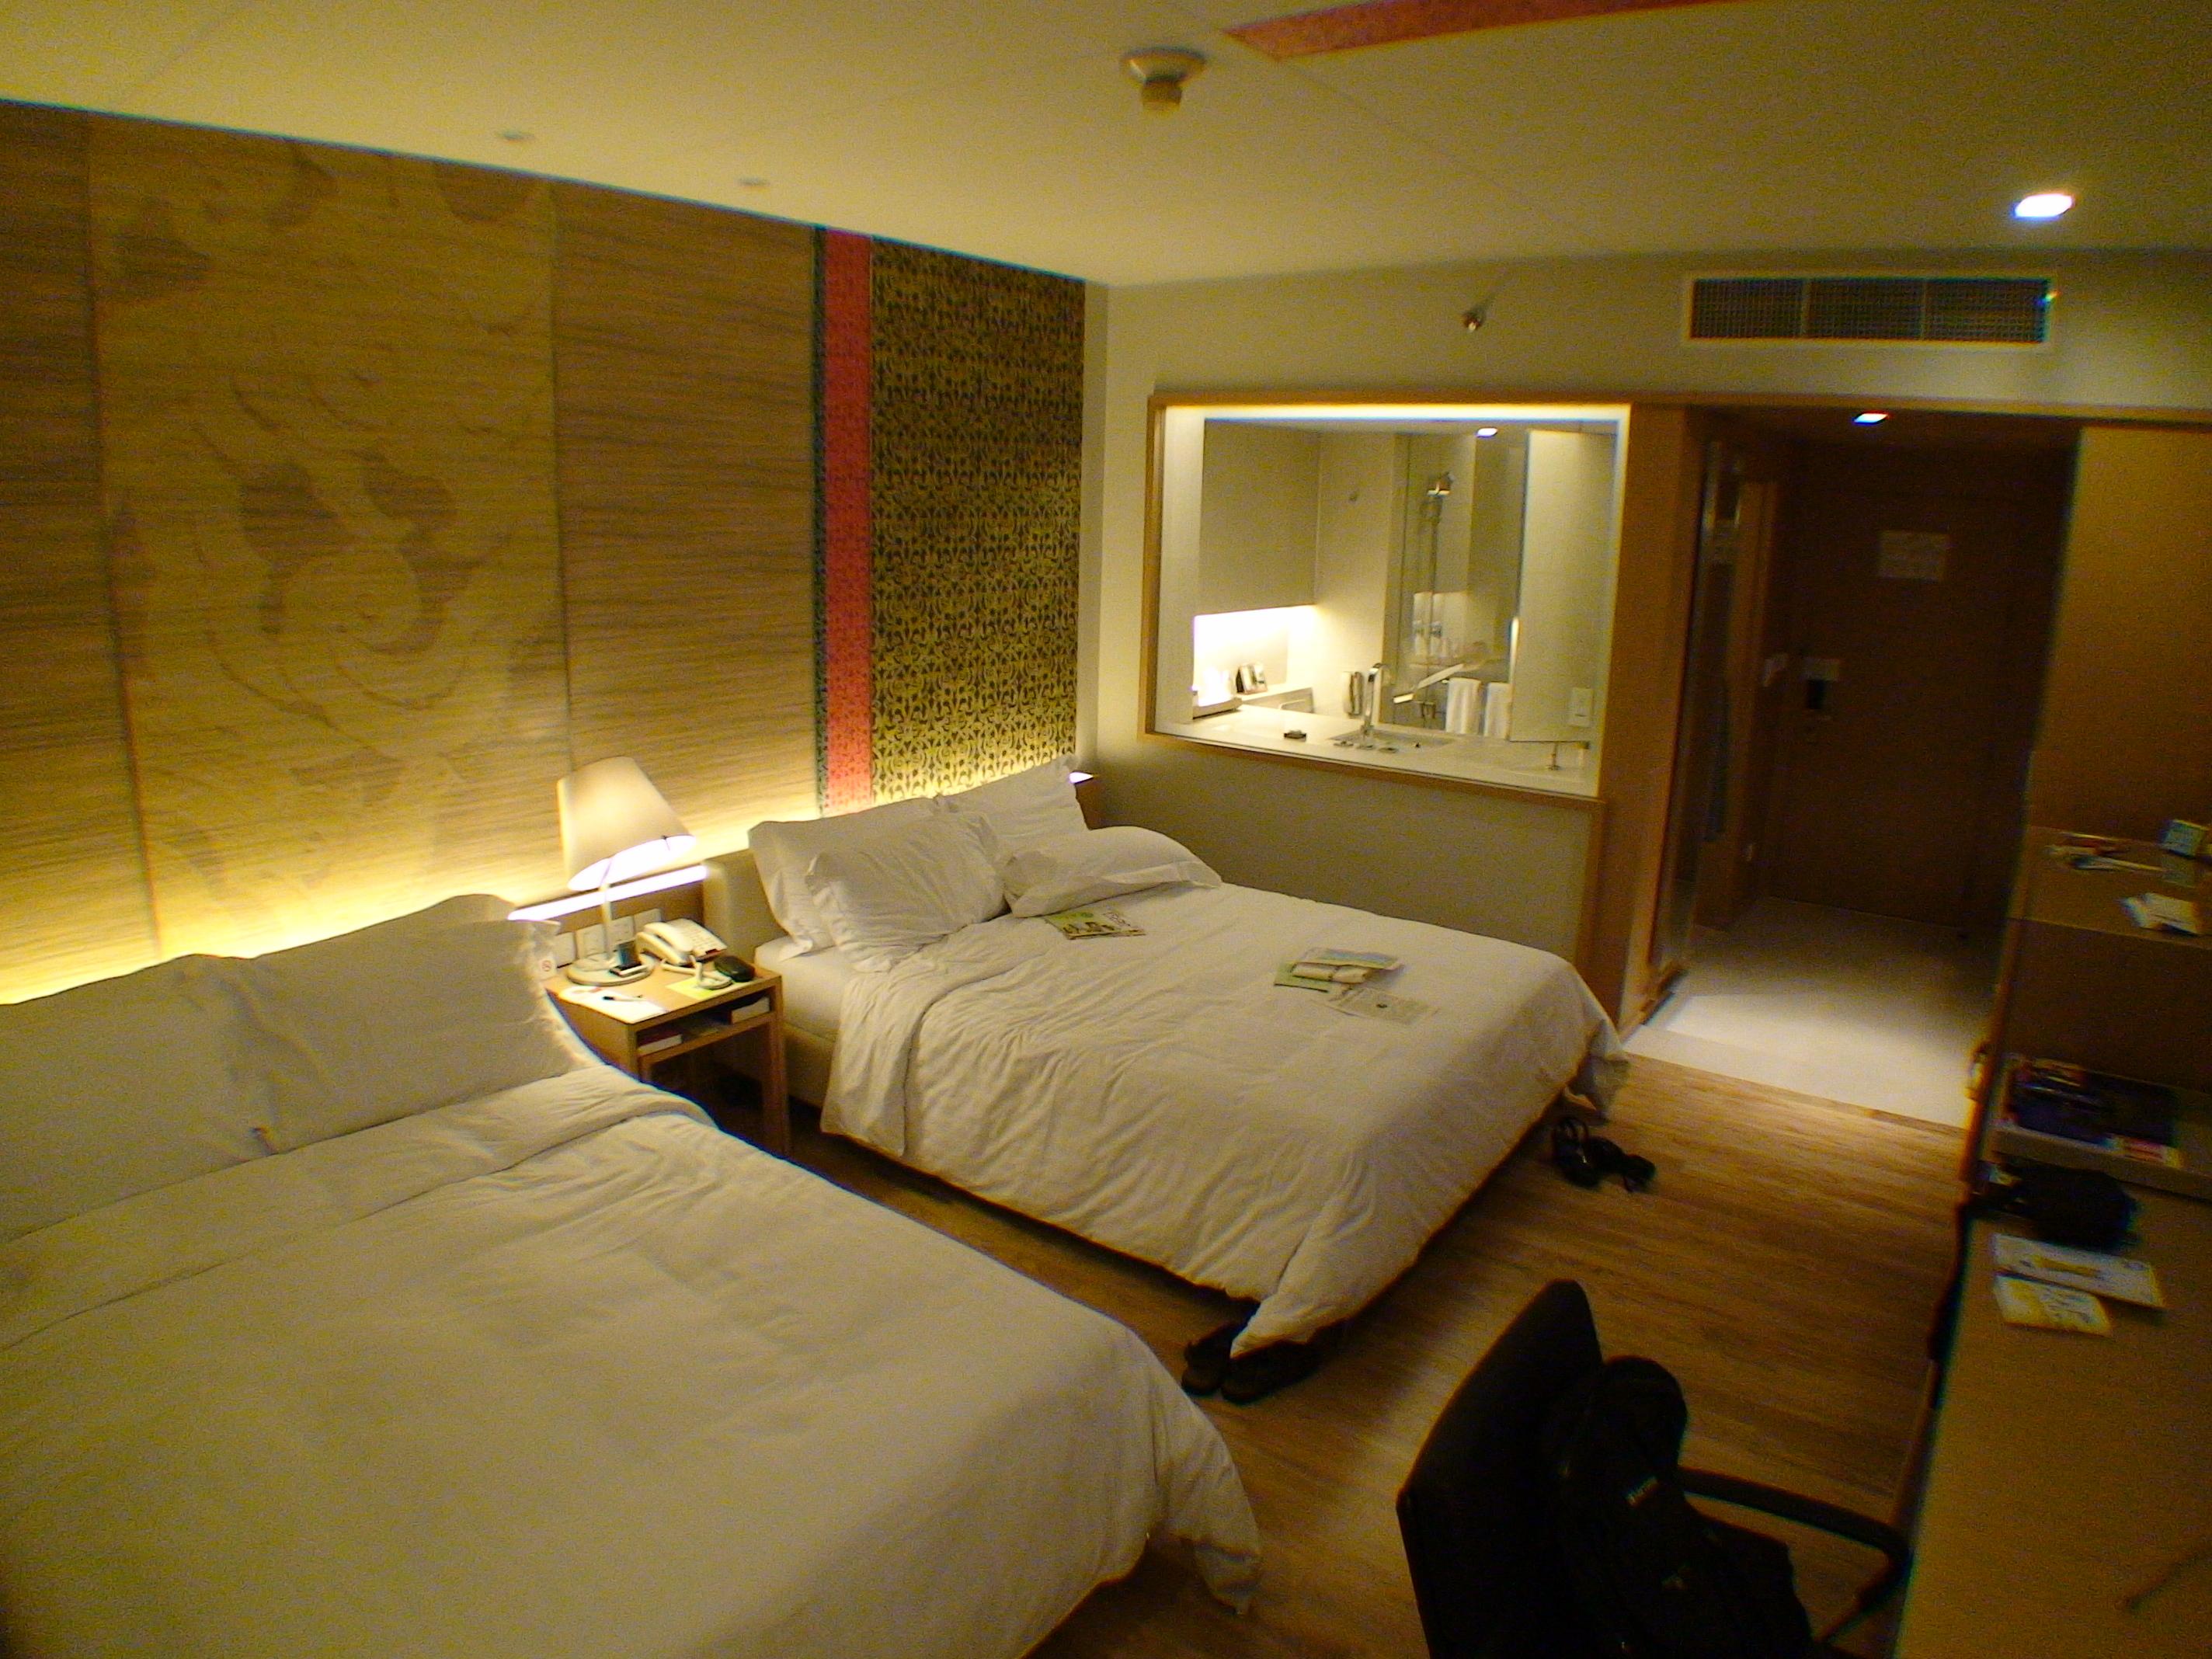 都市 街 室内 ホテルの照明 壁紙1920x1440 壁紙館